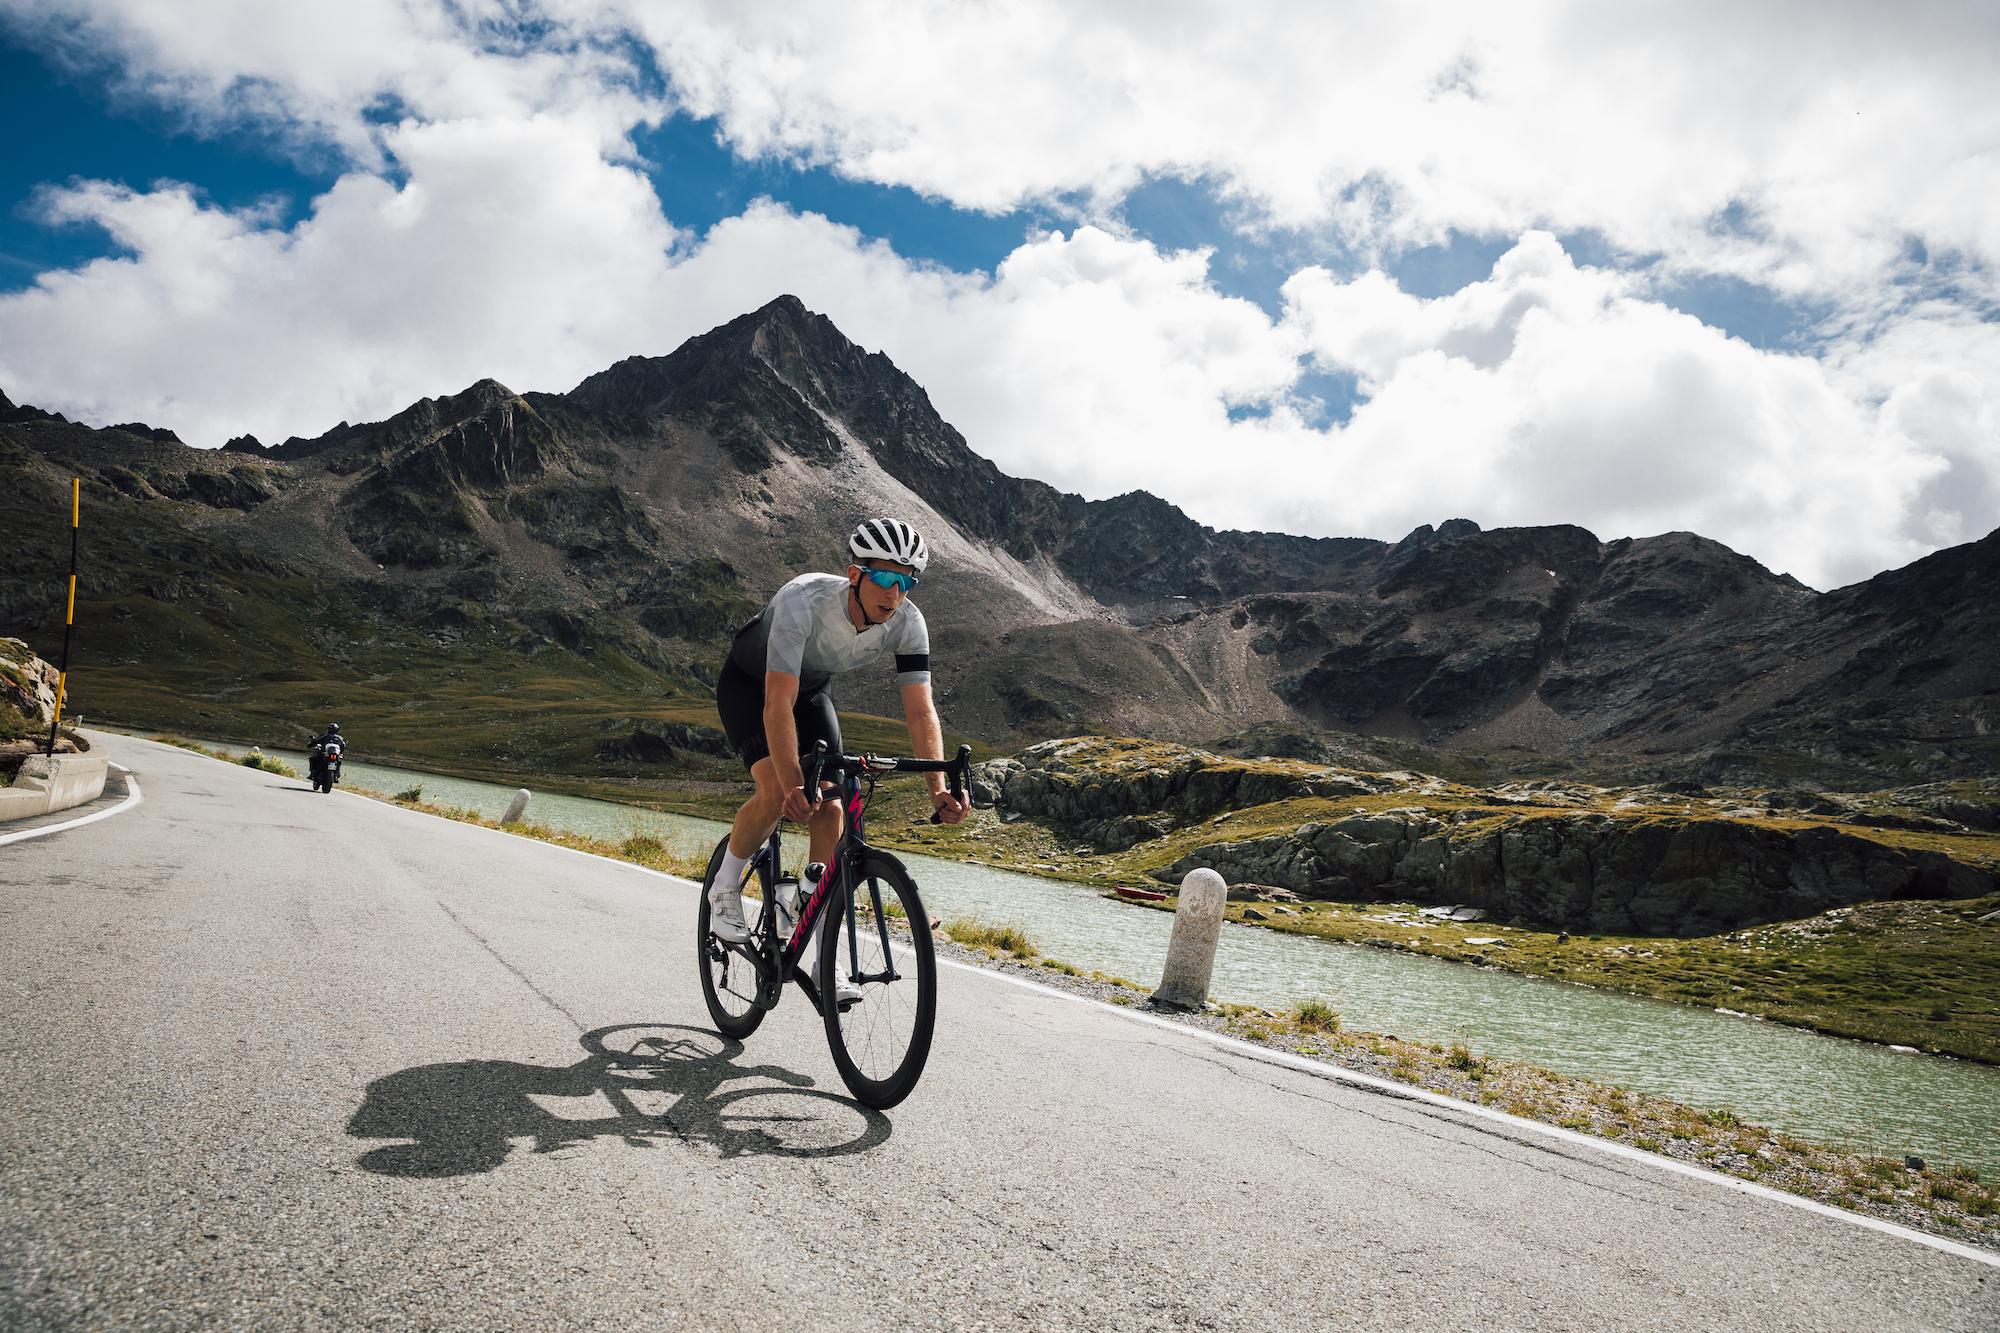 Zdroj: cyclingweekly.com